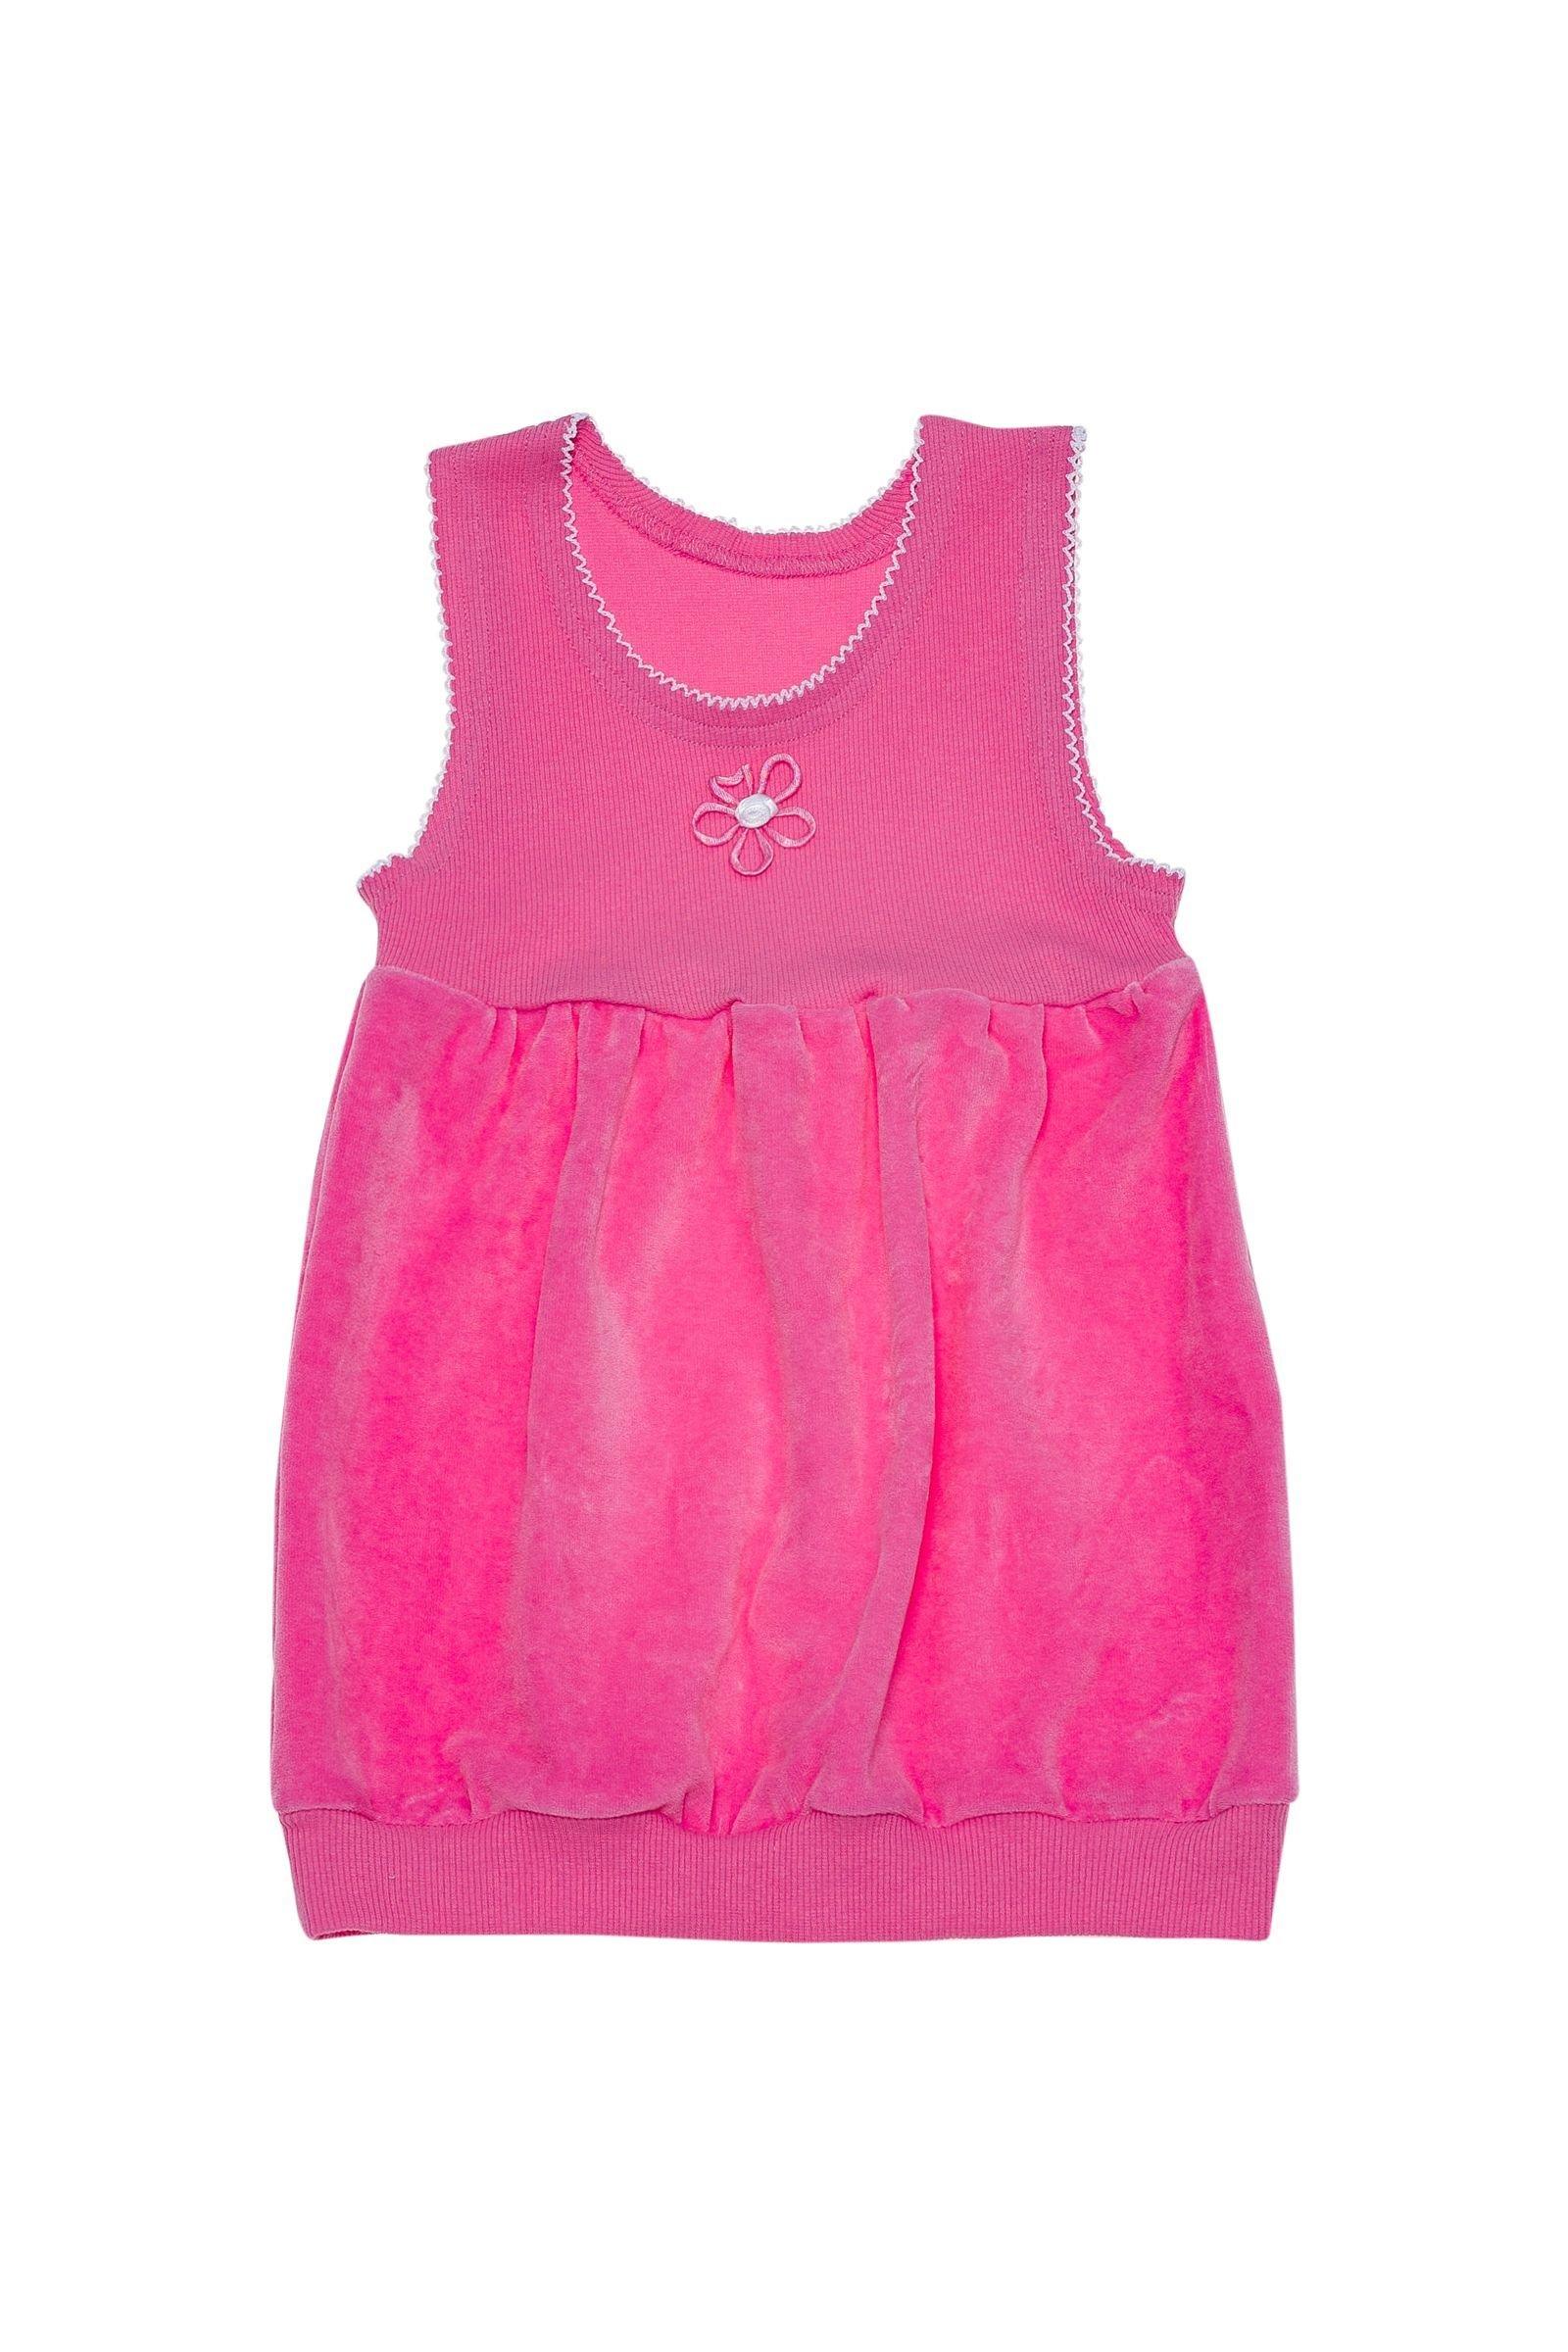 Сарафан для девочки ALLAL04-918